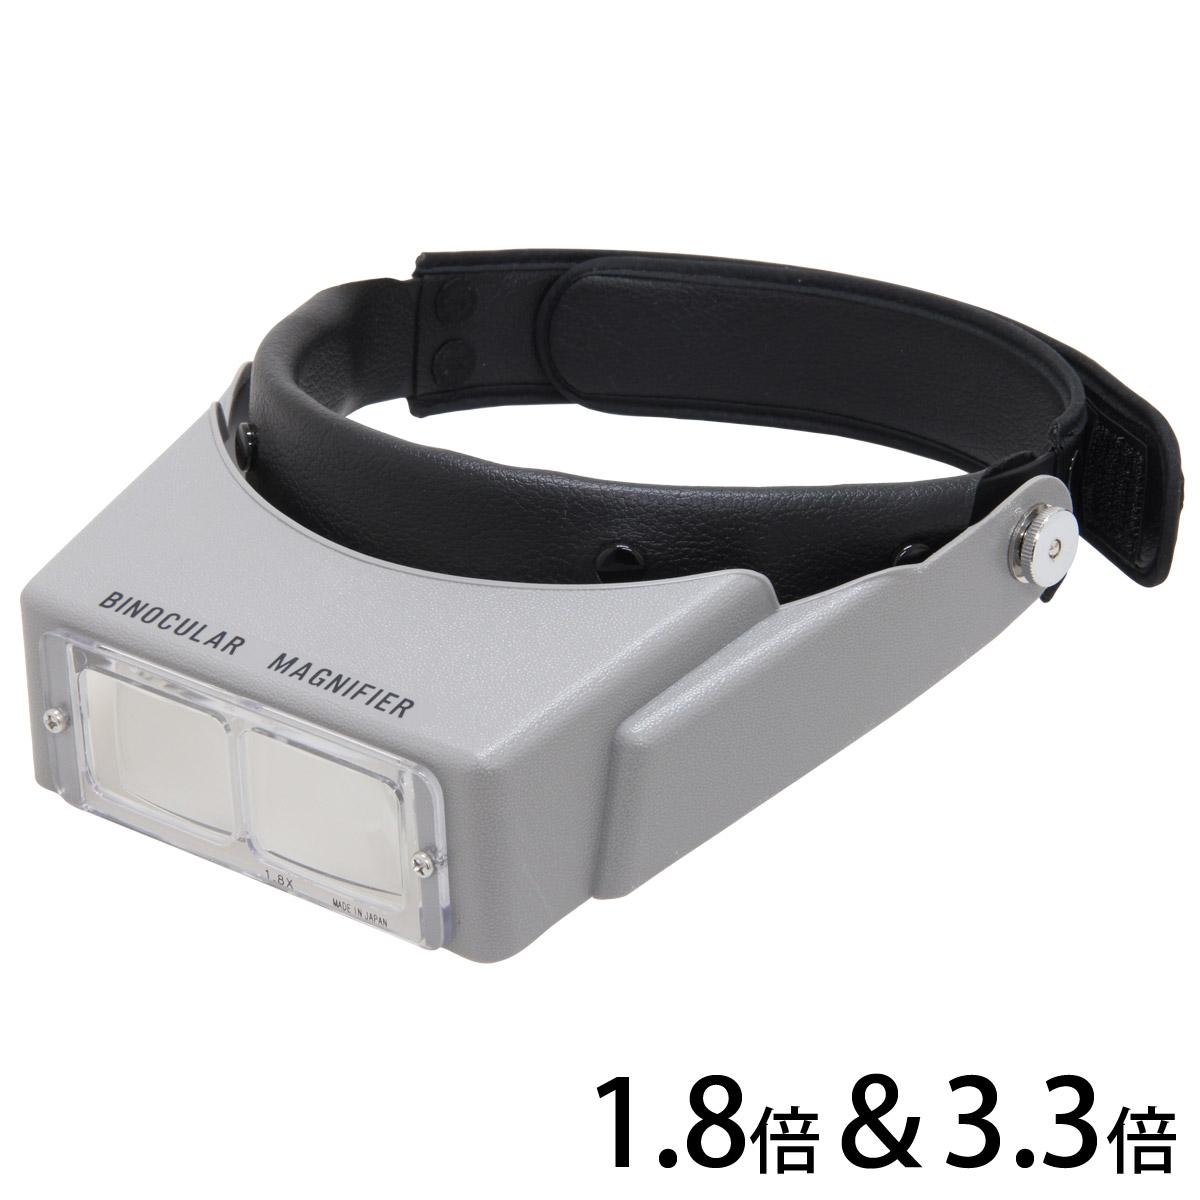 ヘッドルーペ BM-110 1.8倍&3.3倍 双眼ルーペ ヘッドバンド式 池田レンズ